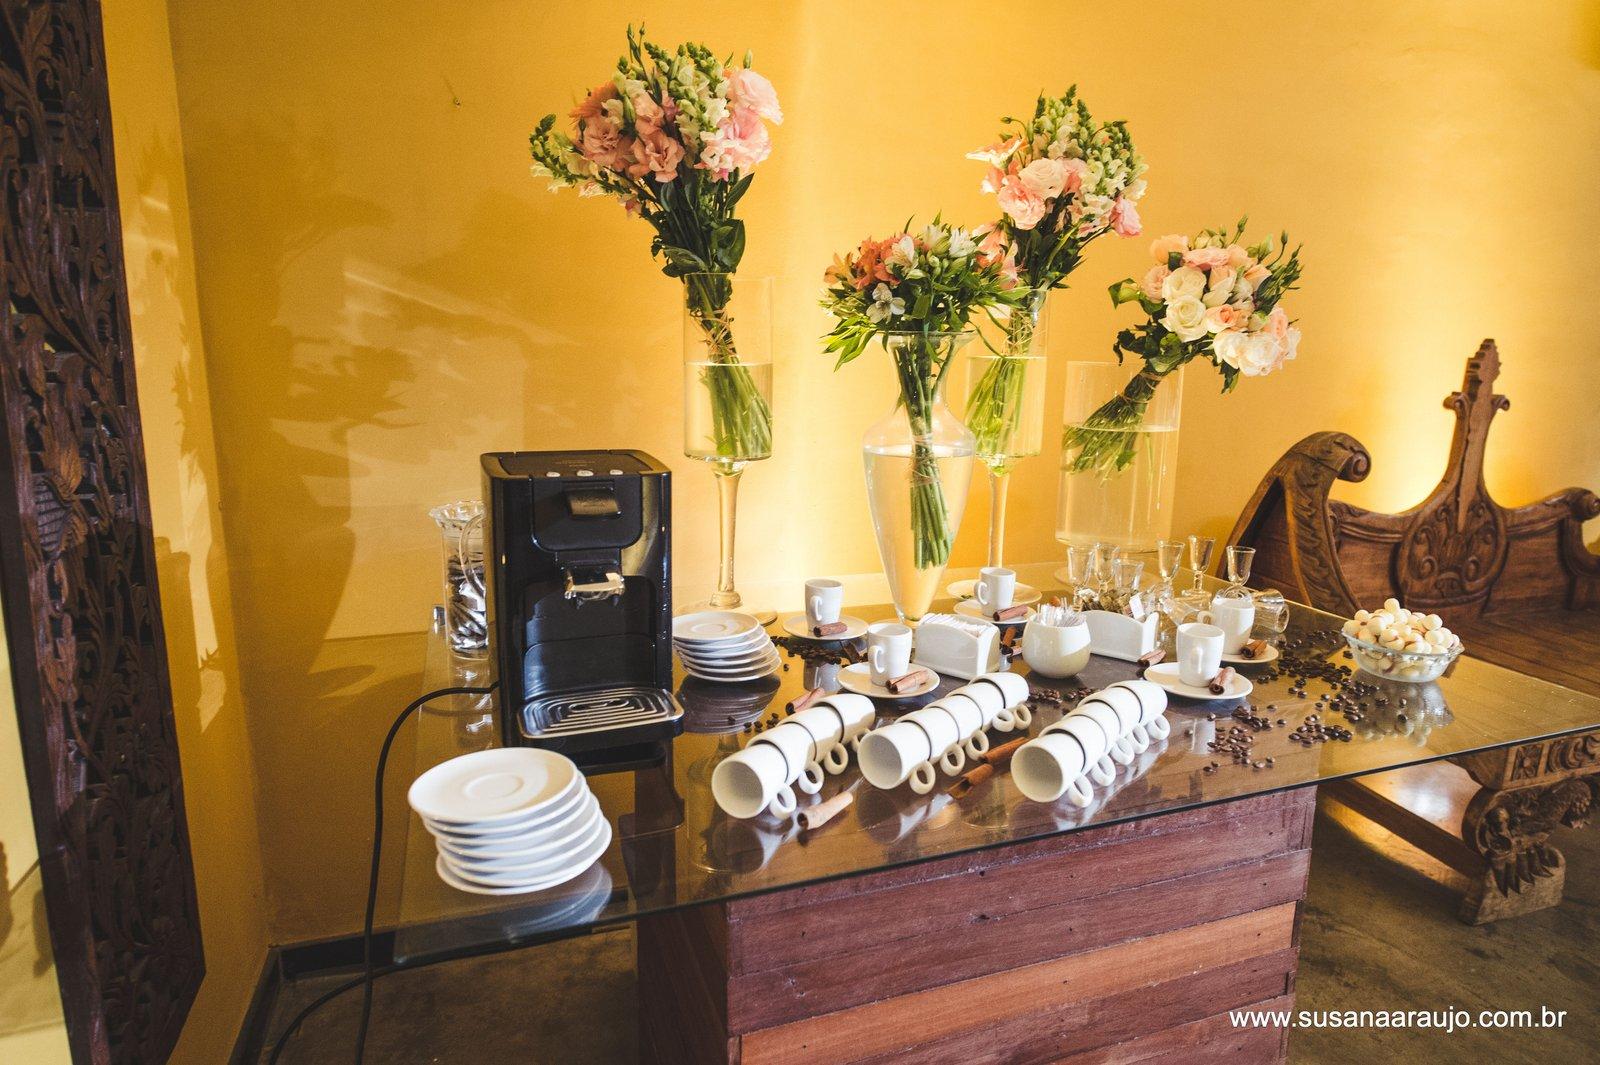 Susana ara jo mesa de caf em casamentos for Modelos de mesas para cafeteria